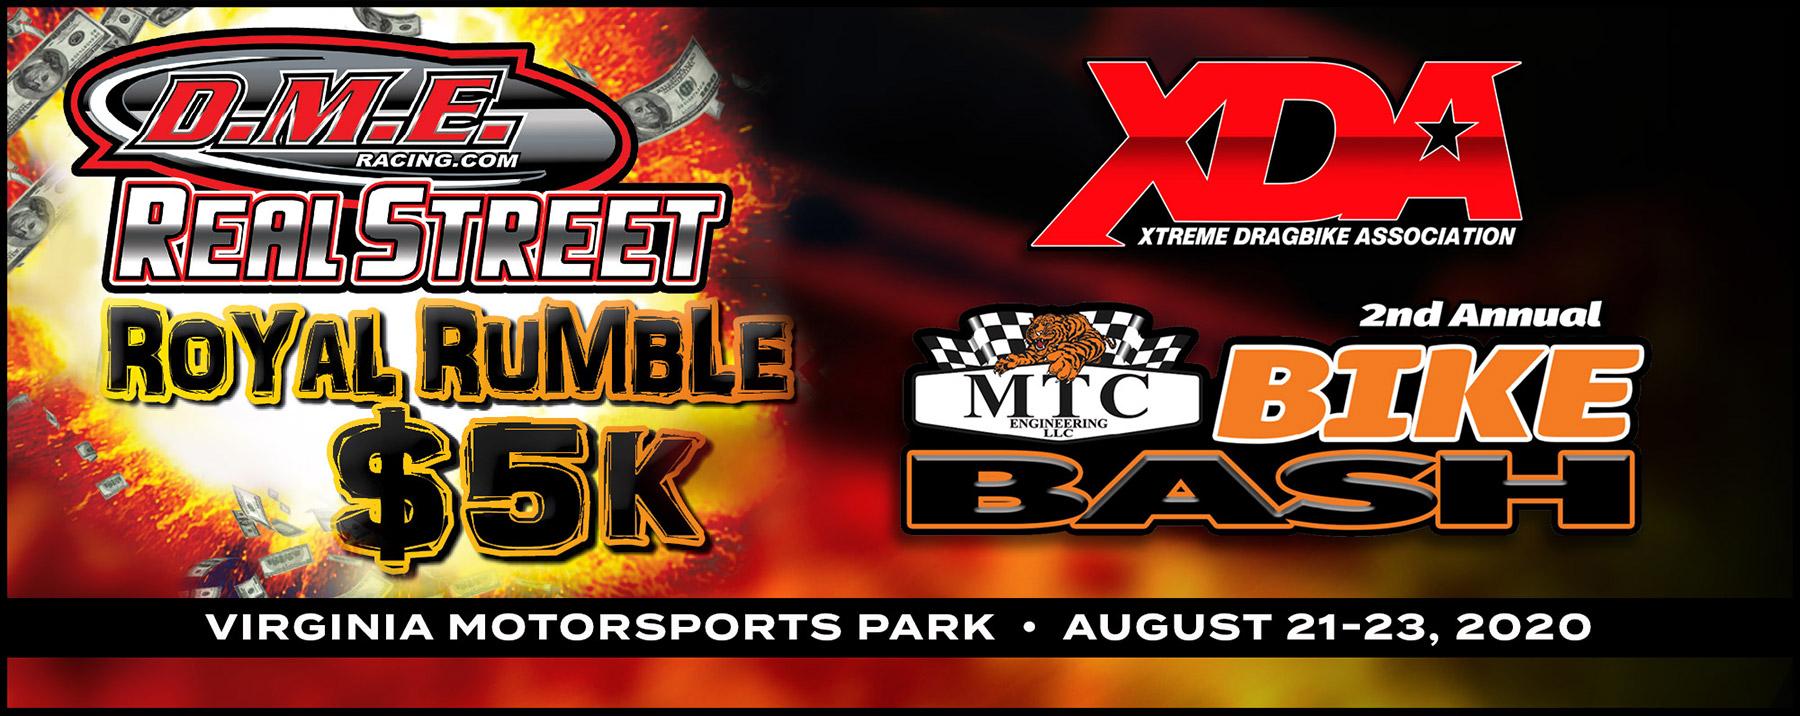 2020 XDA Motorcycle Drag Racing